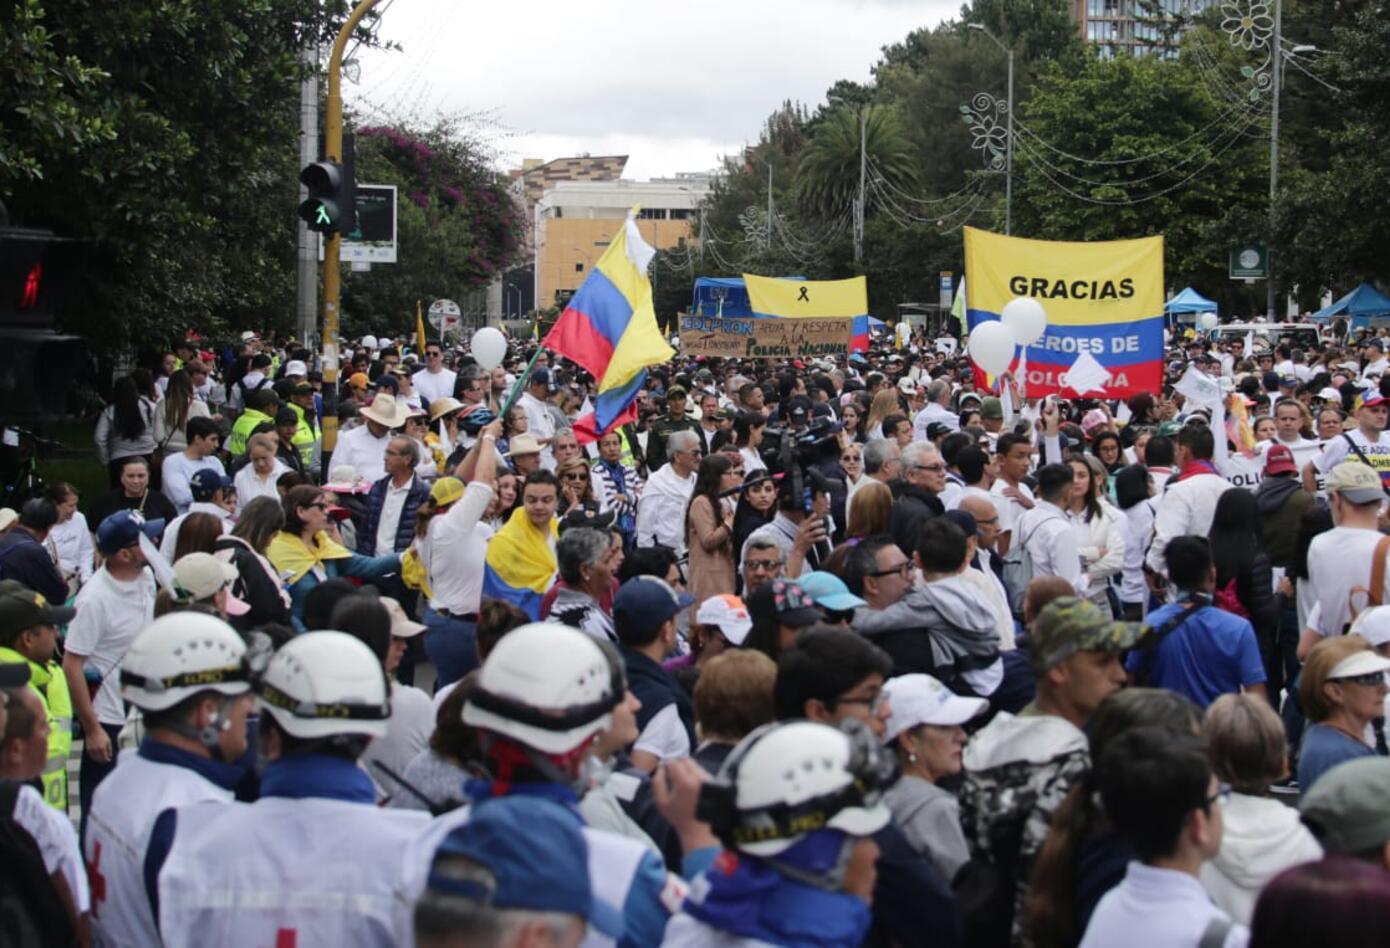 En la Carrera Séptima fueron vistos cientos de ciudadanos en la marcha contra el terrorismo.